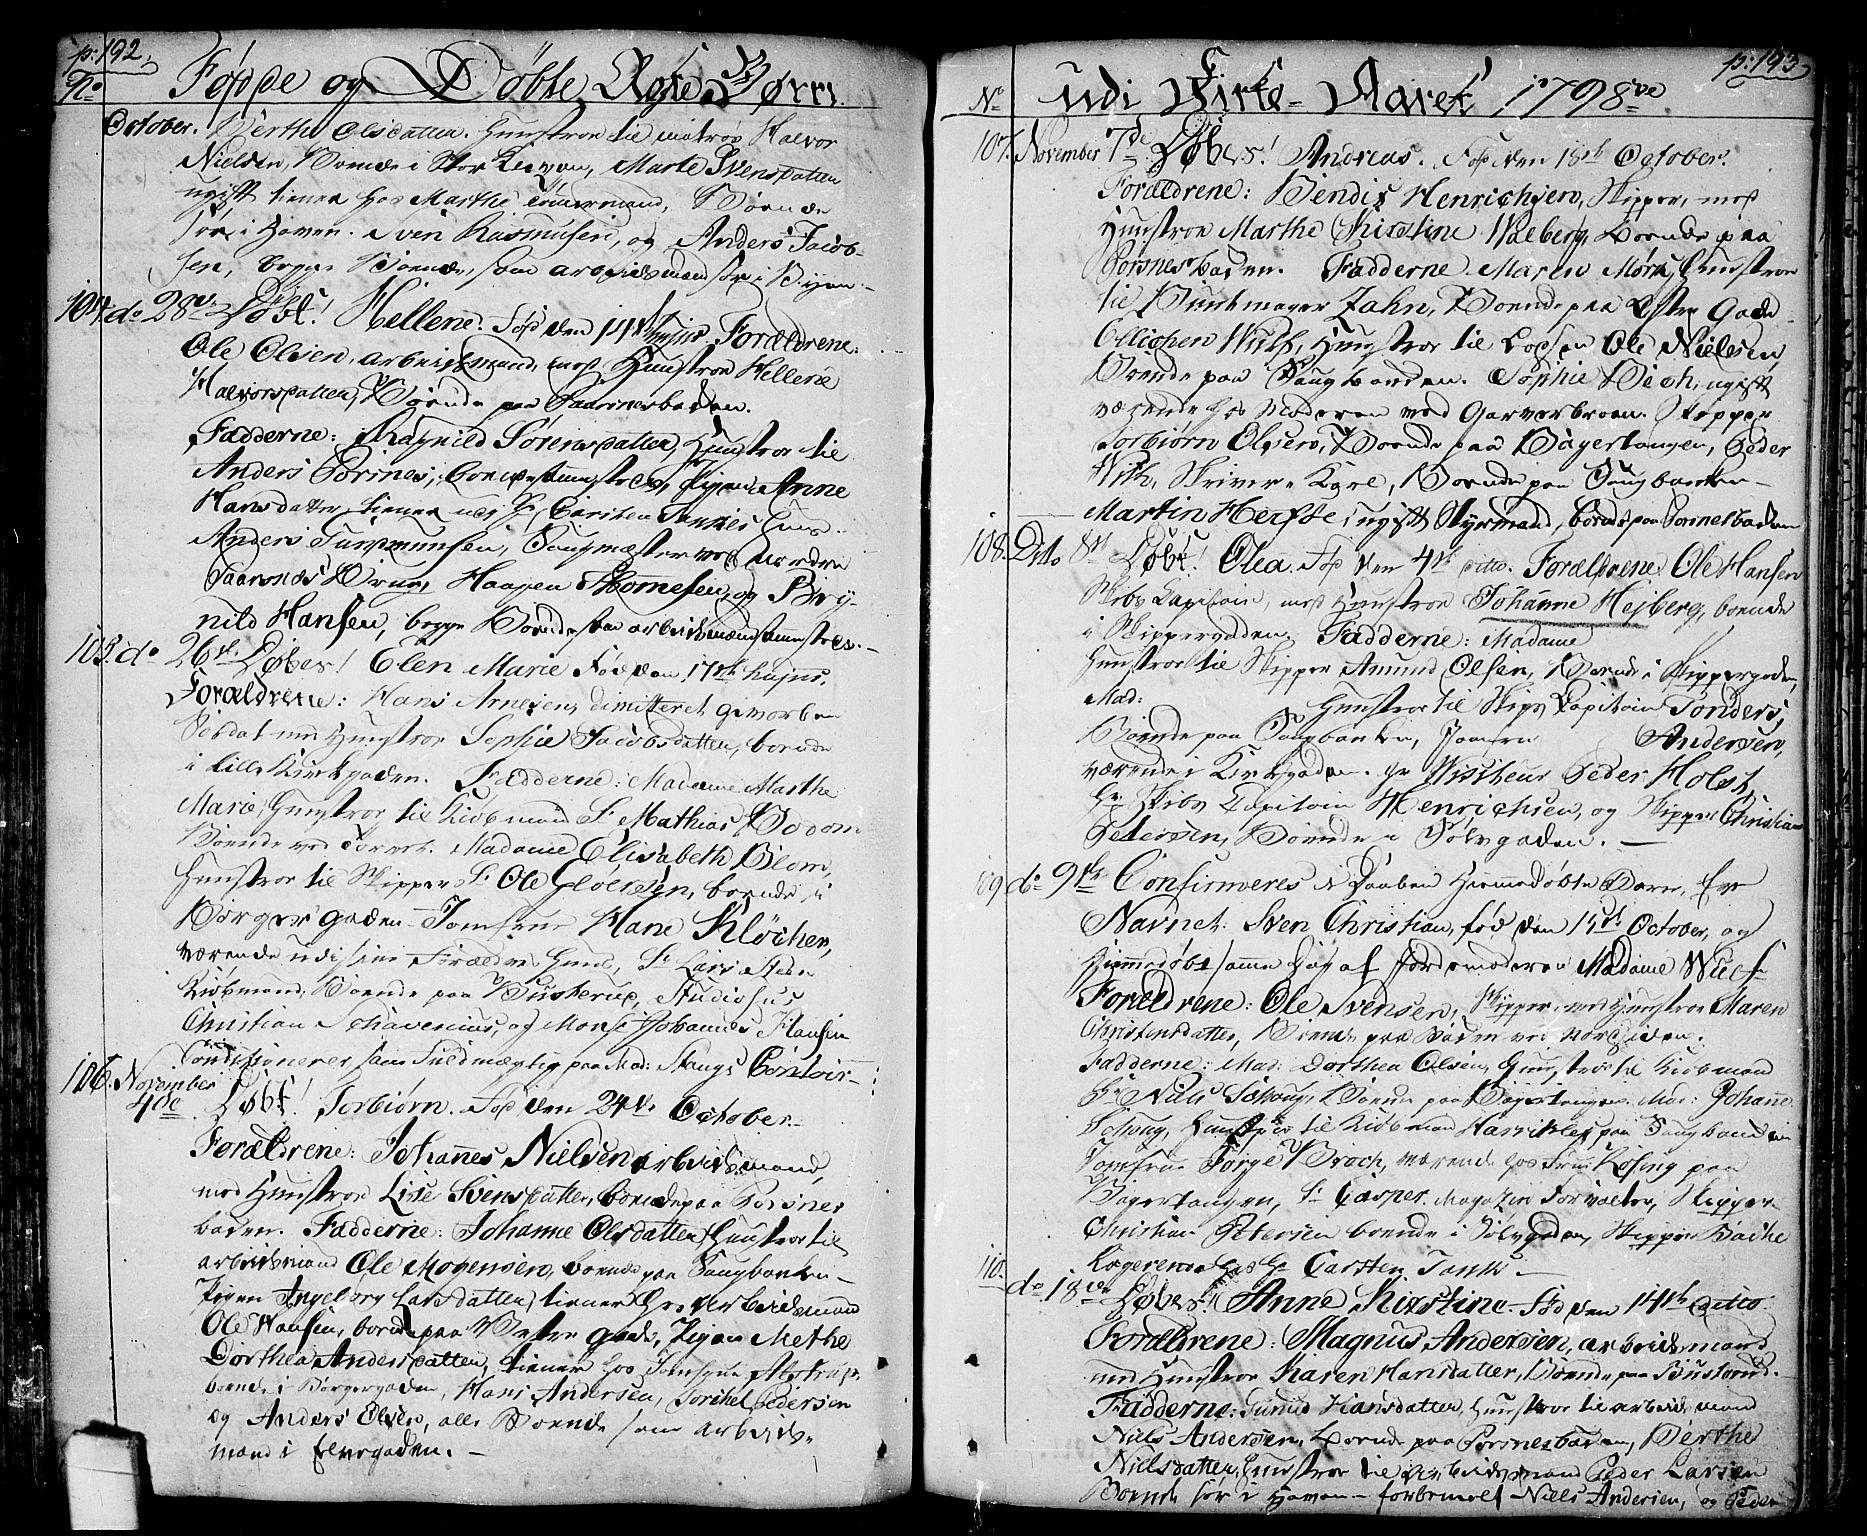 SAO, Halden prestekontor Kirkebøker, F/Fa/L0002: Ministerialbok nr. I 2, 1792-1812, s. 192-193